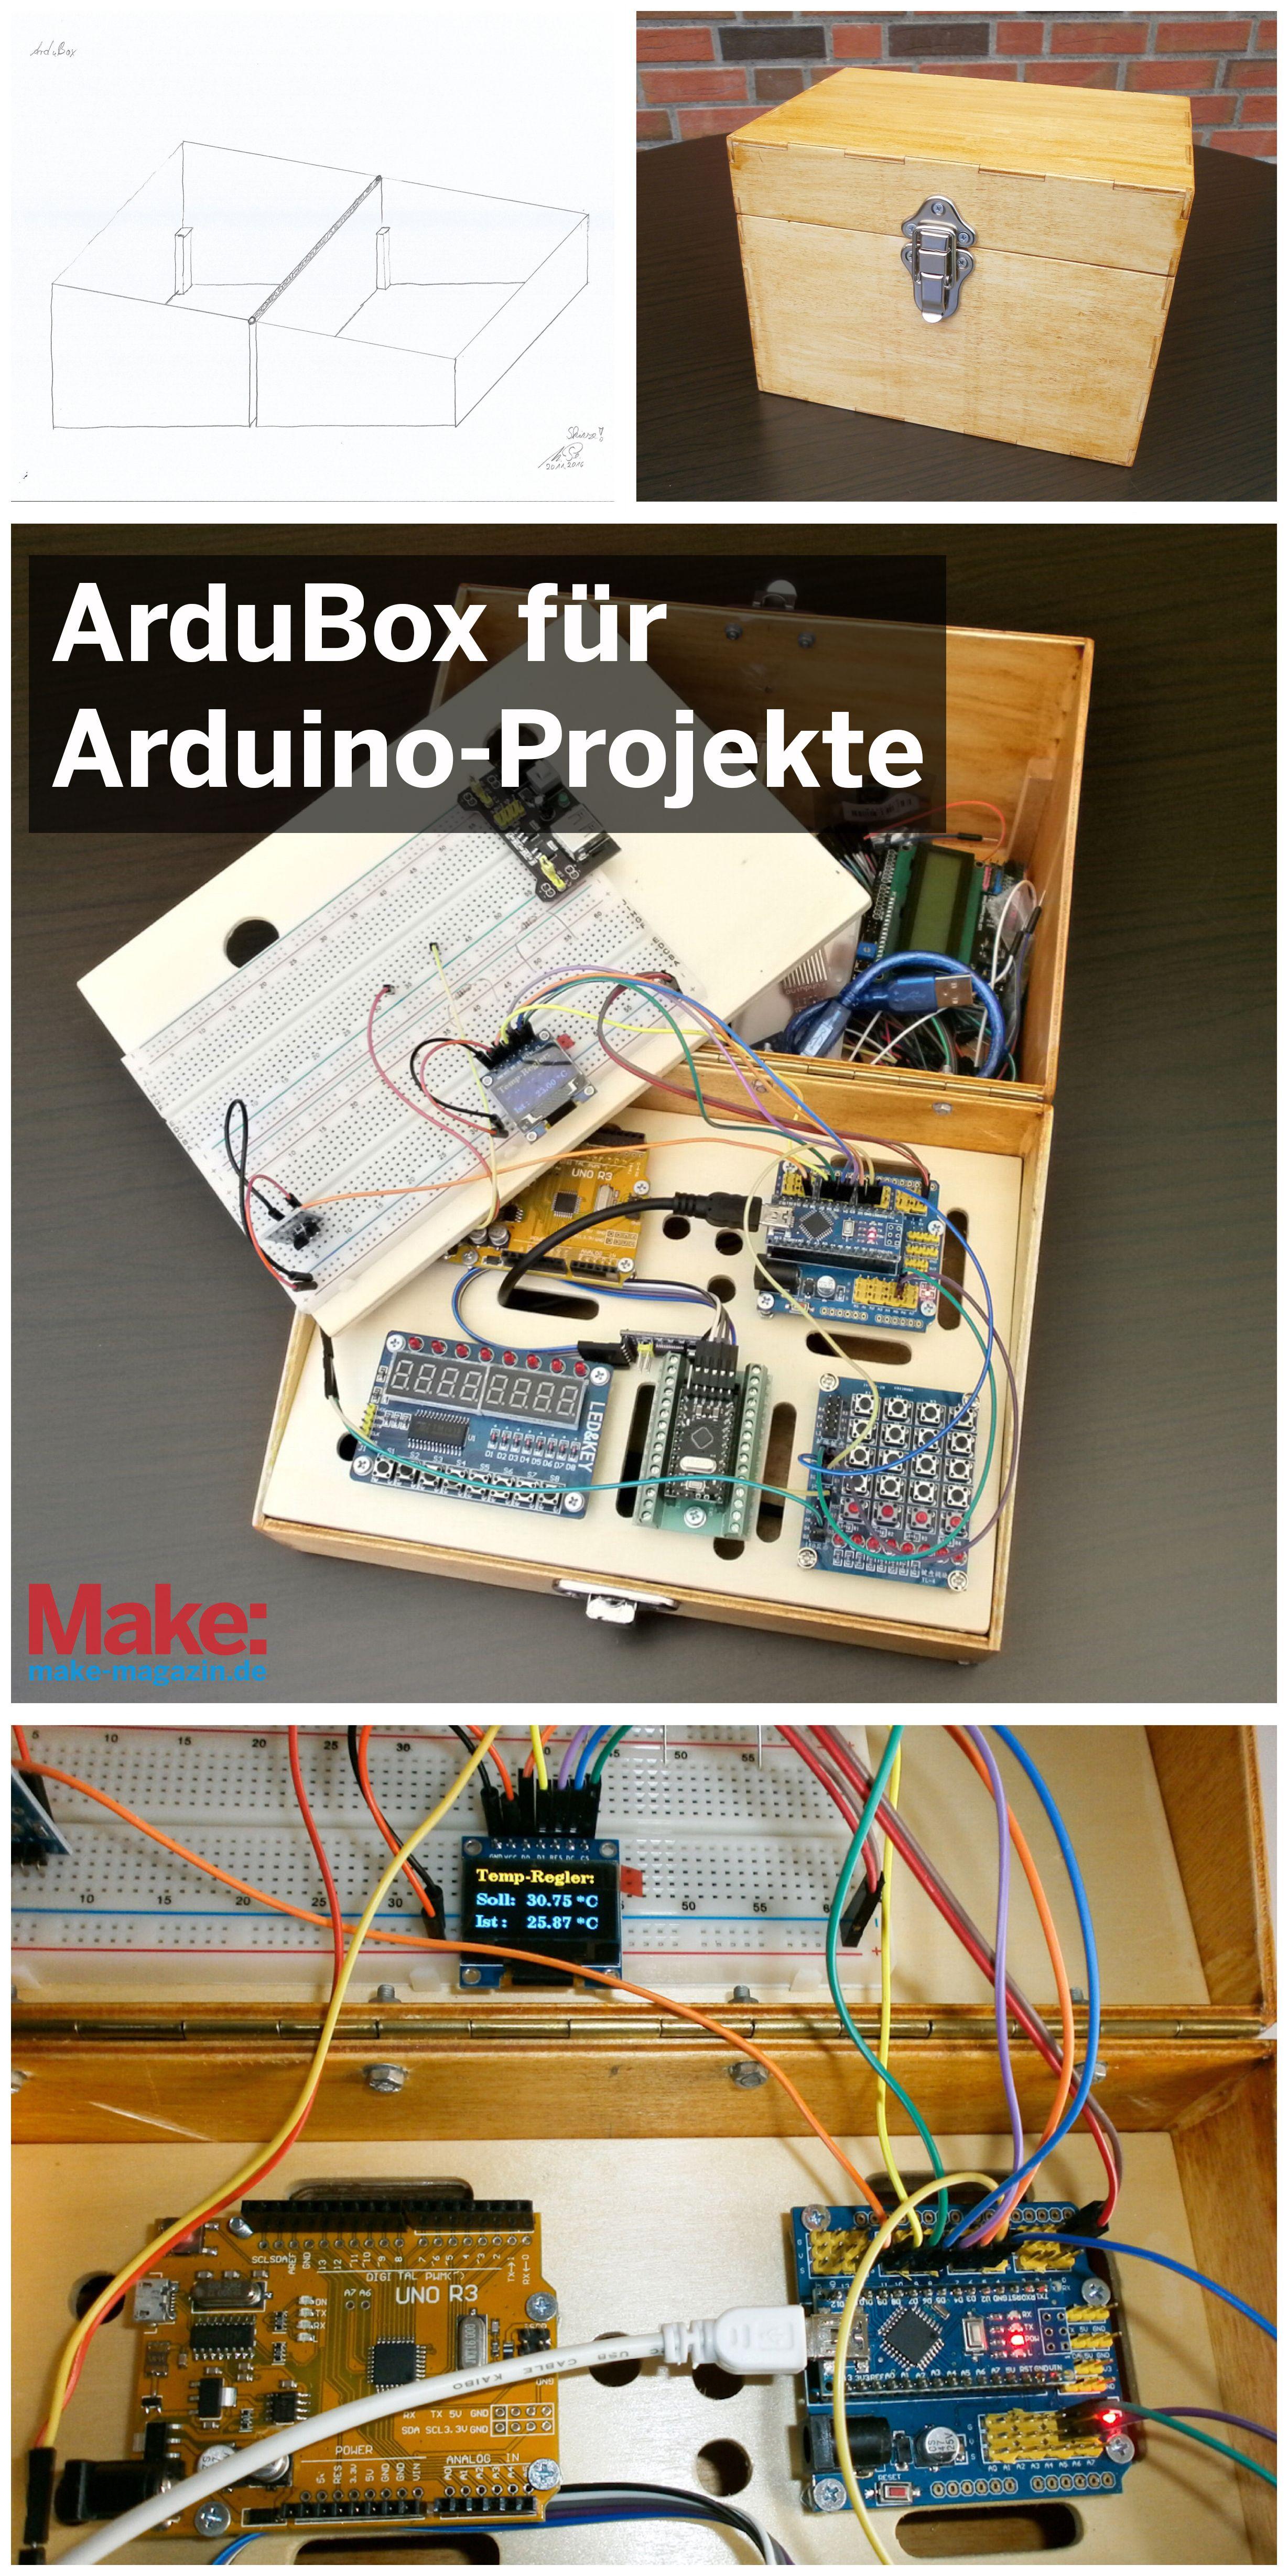 ardubox: eine box für arduino-projekte | elektronik in 2018